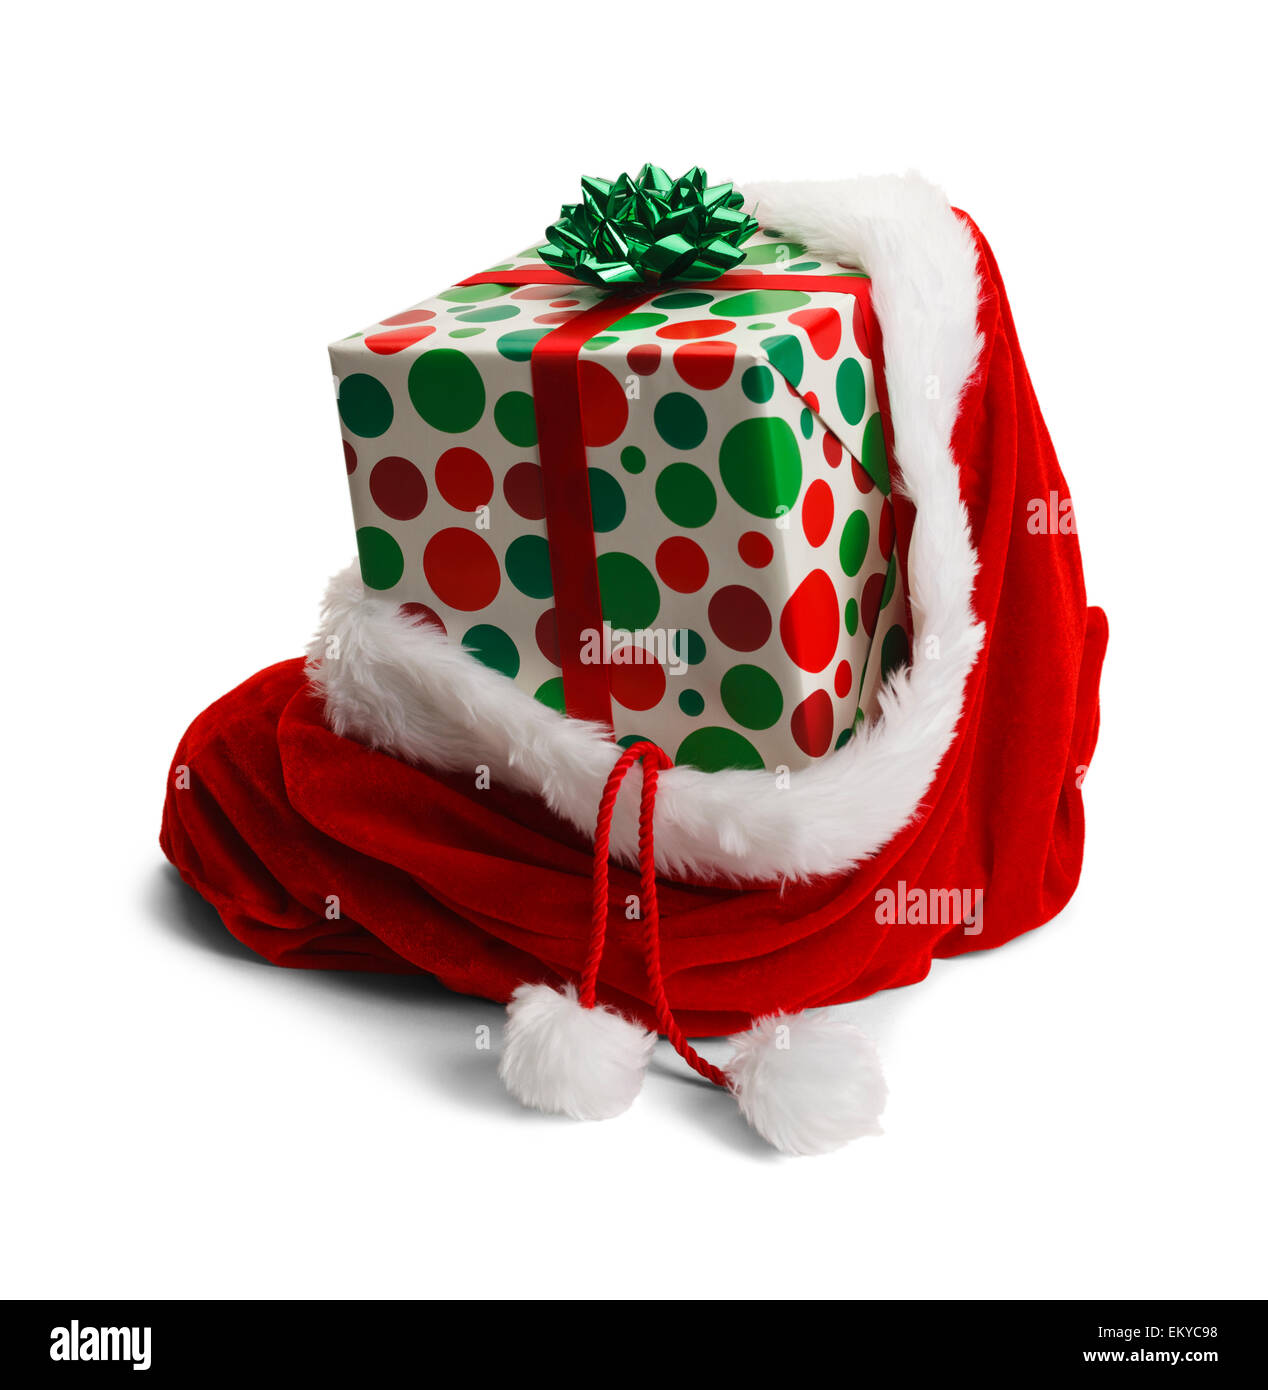 Santa Bolsa con una última presente aislado sobre fondo blanco. Imagen De Stock